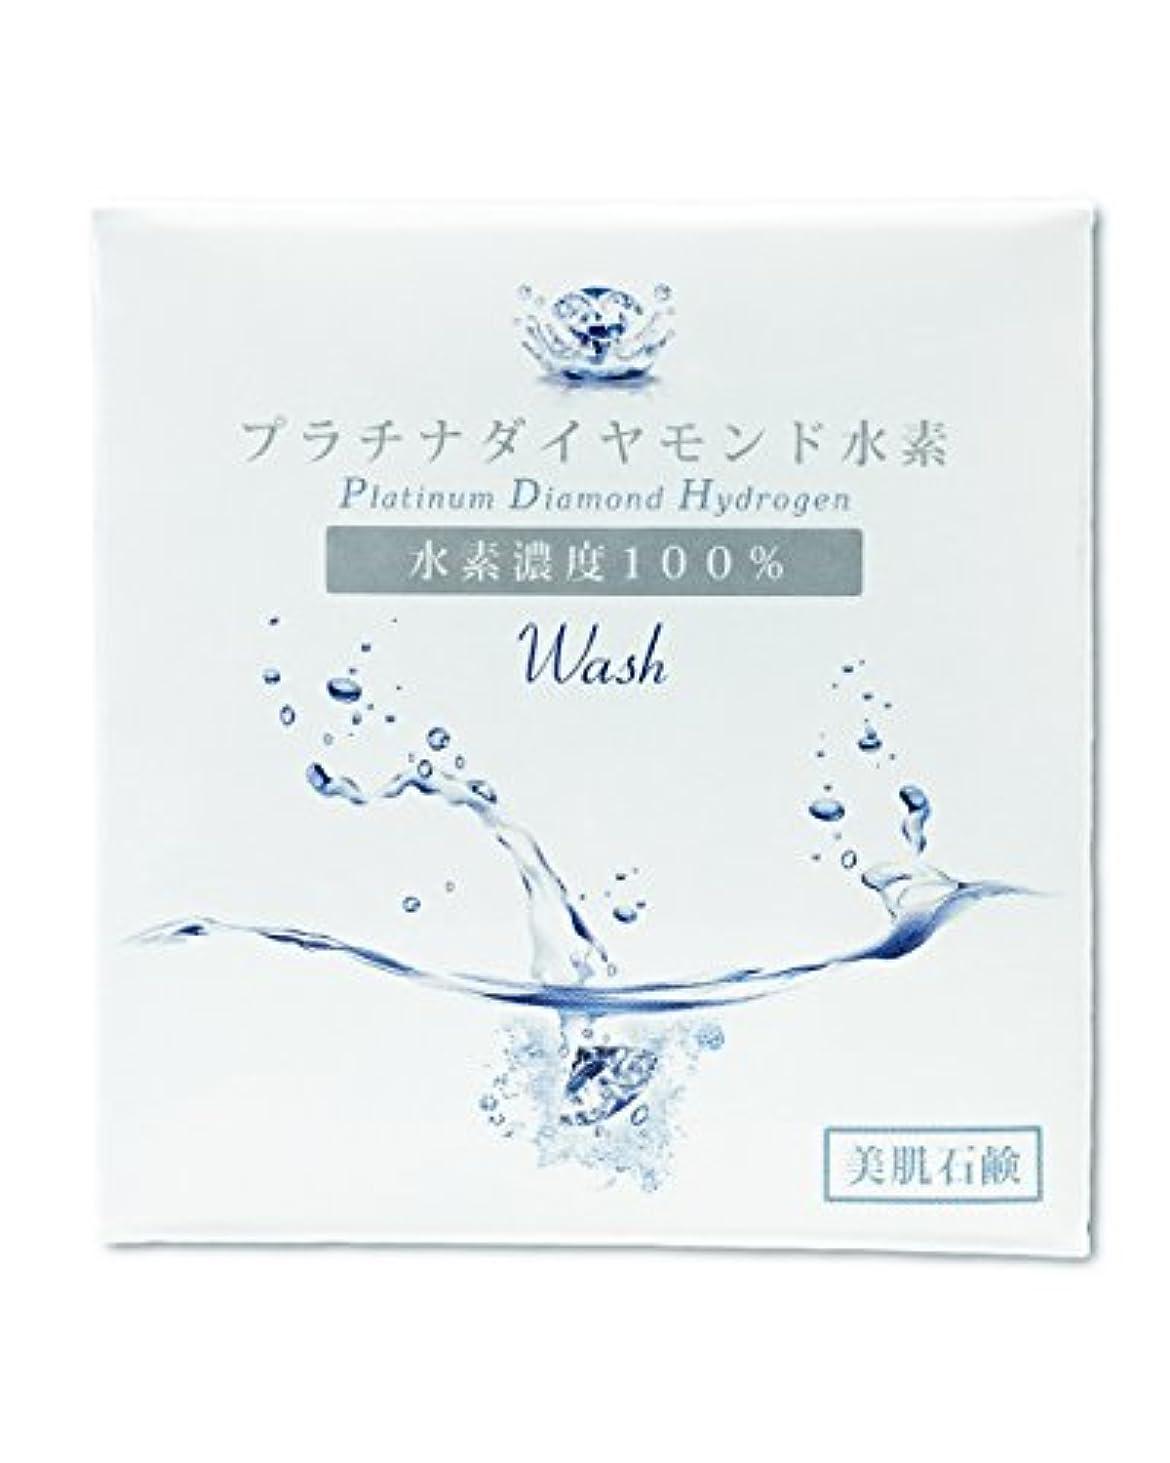 独占コーチコロニー水素石鹸 プラチナダイヤモンド水素Wash